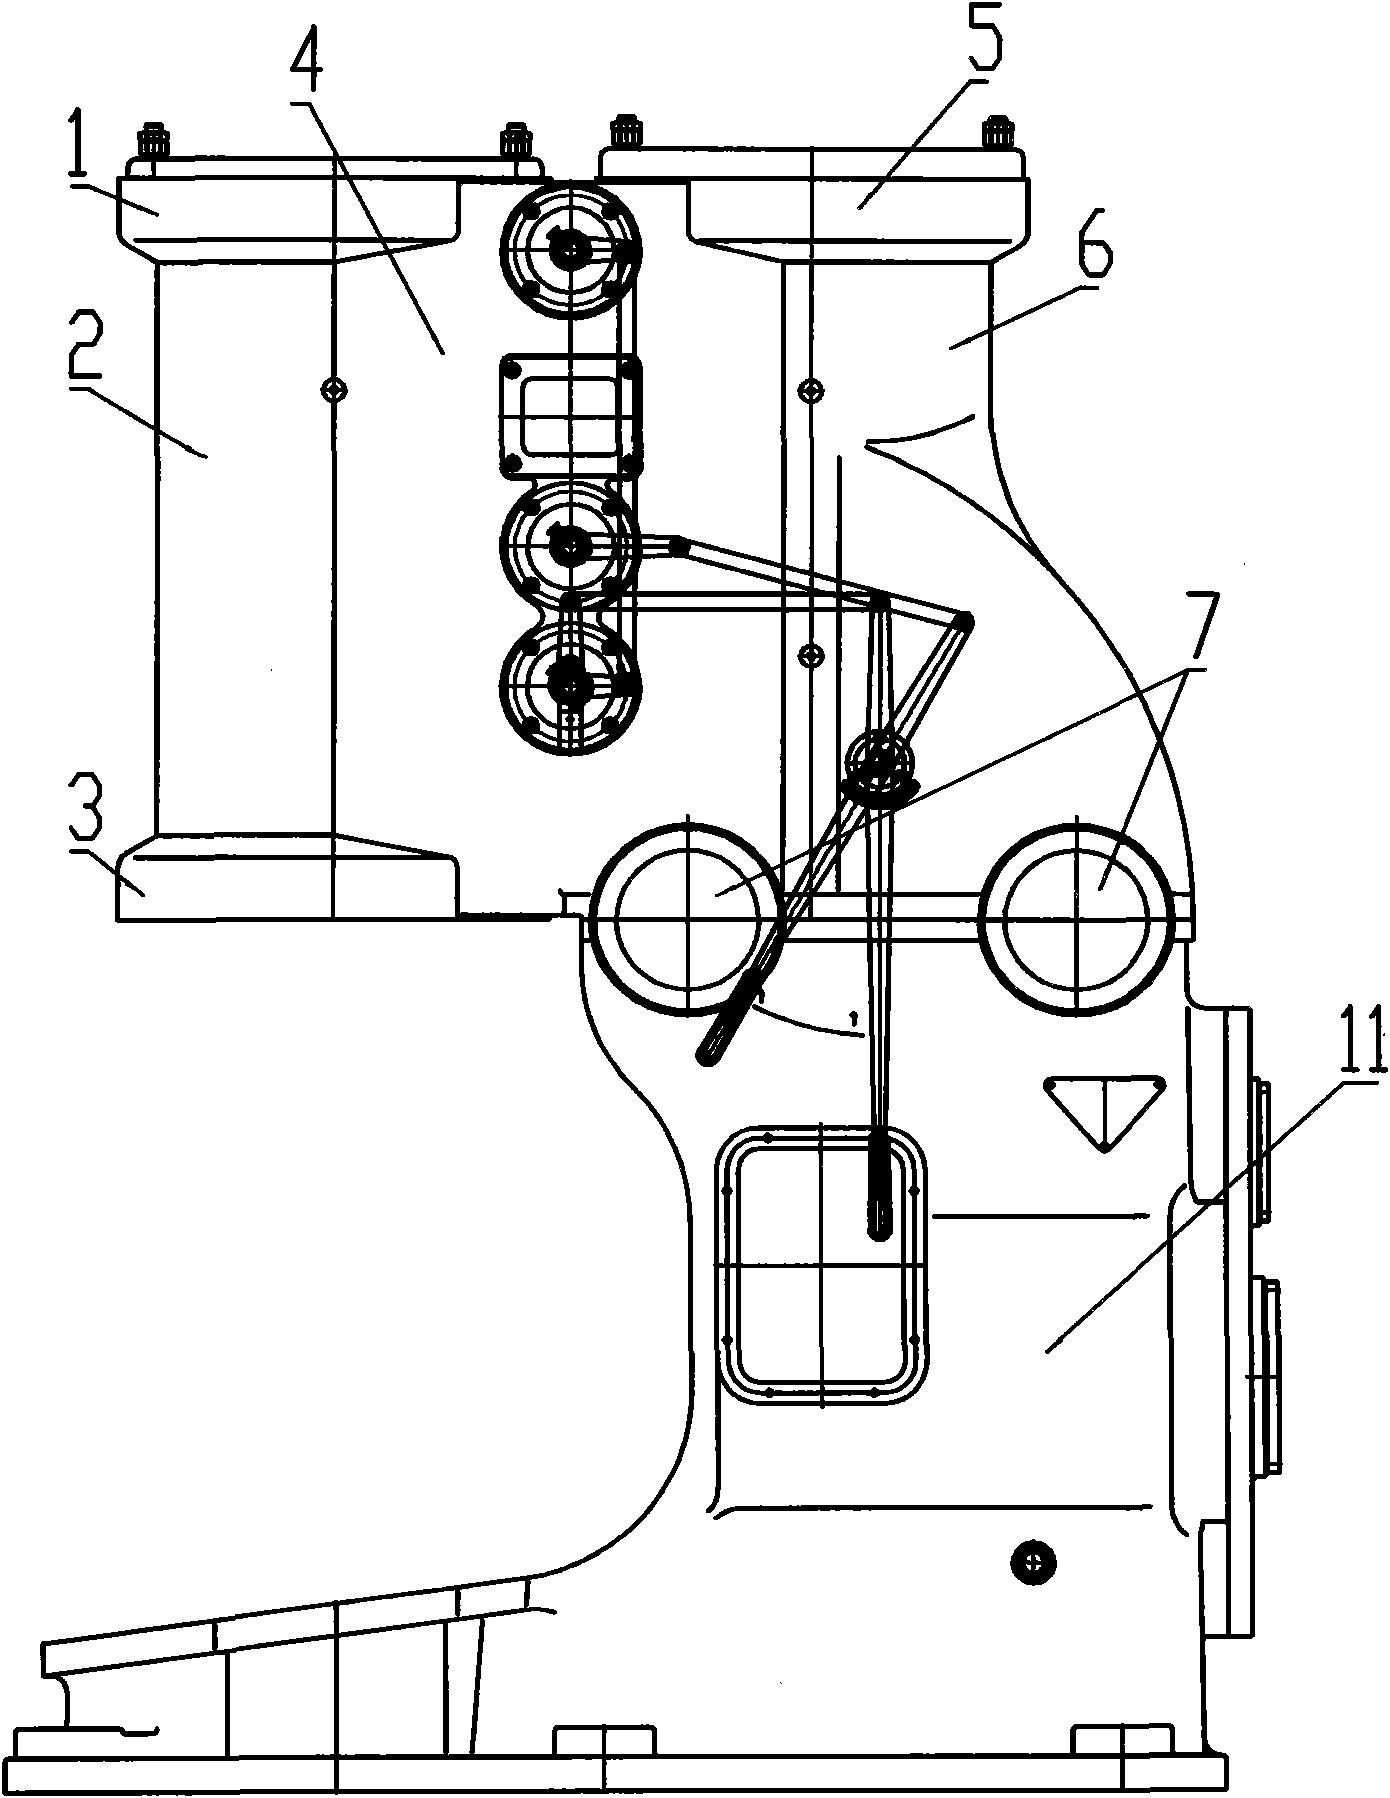 CN201669362U_全钢空气锤 专利基本信息(图1)